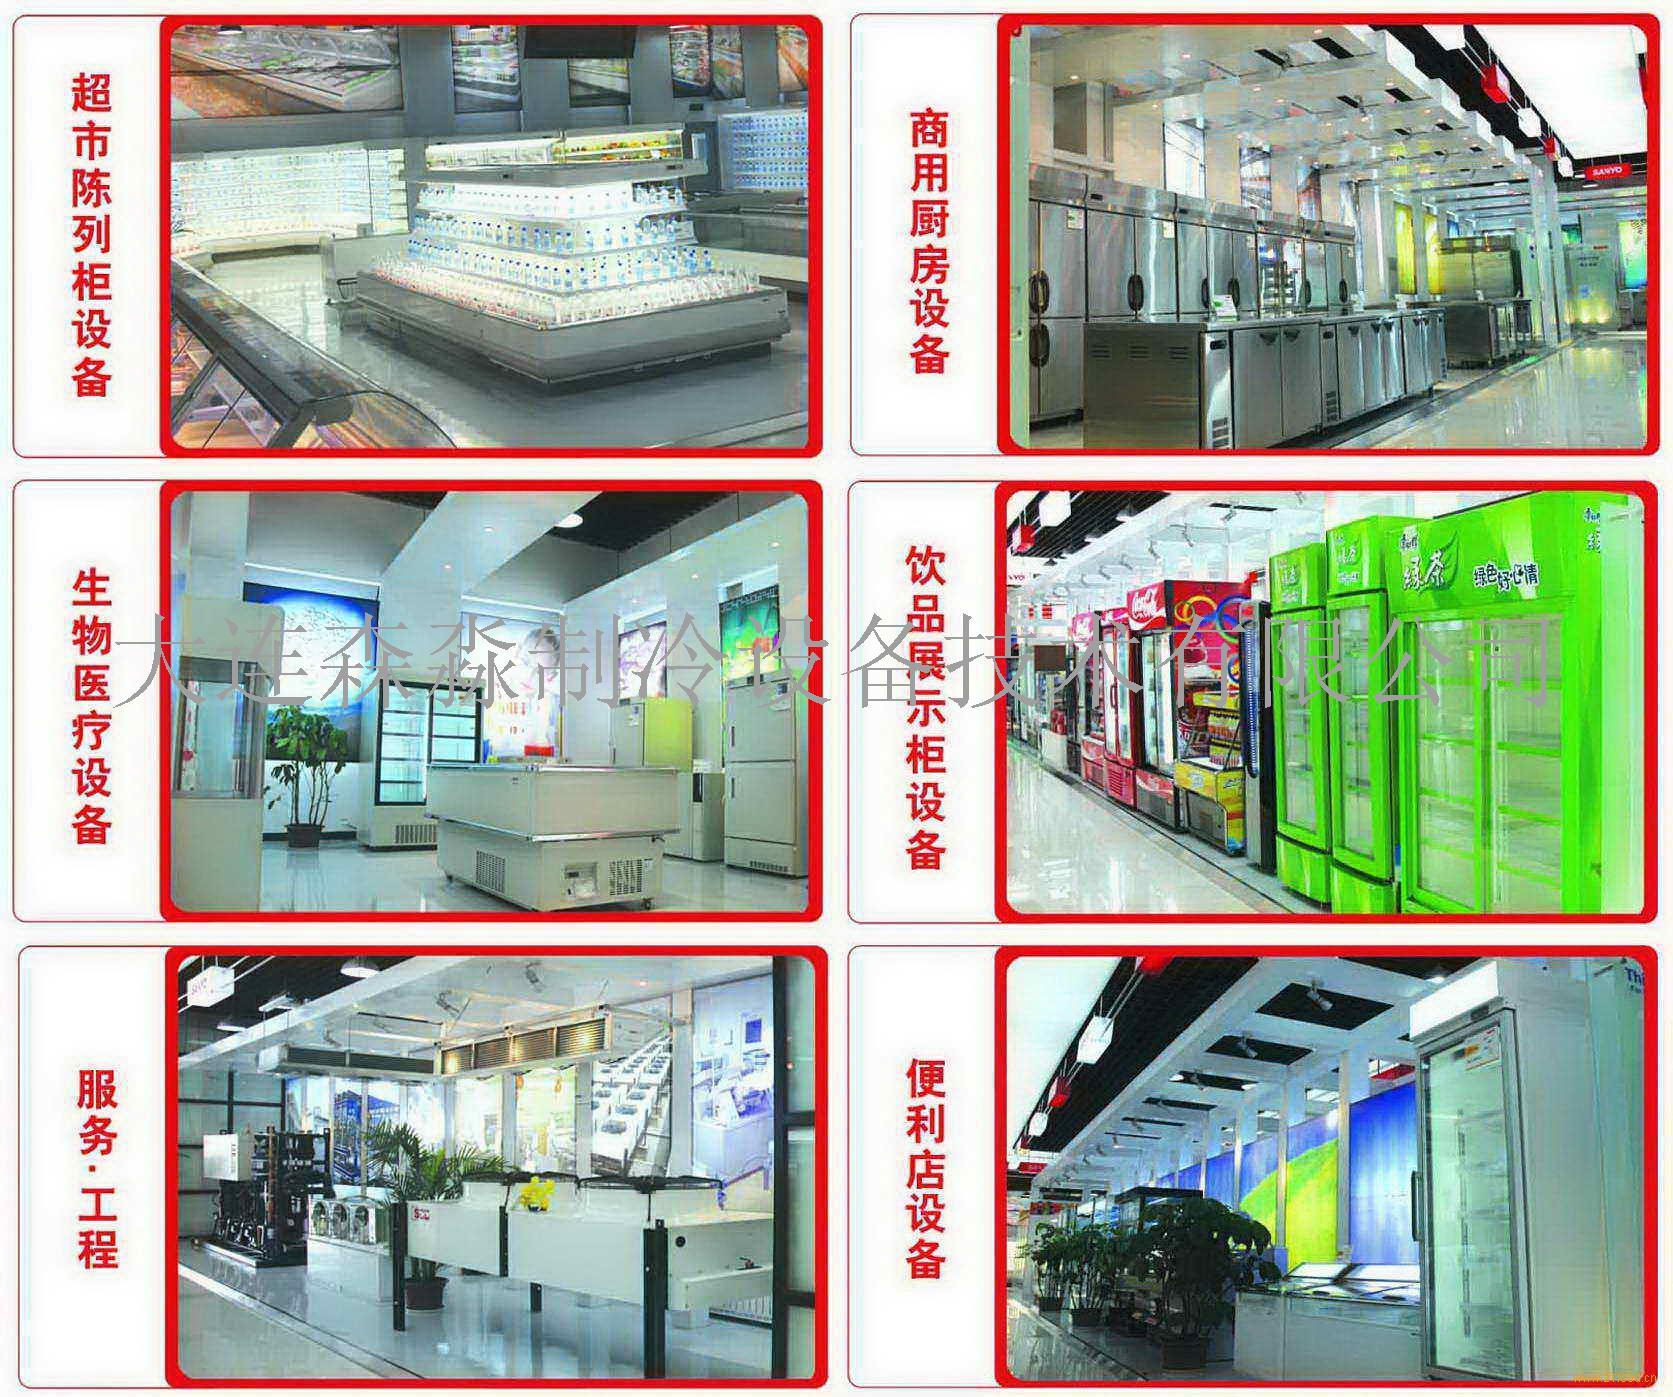 大连森淼制冷设备技术有限公司主要从事大连三洋冷链有限公司,大连